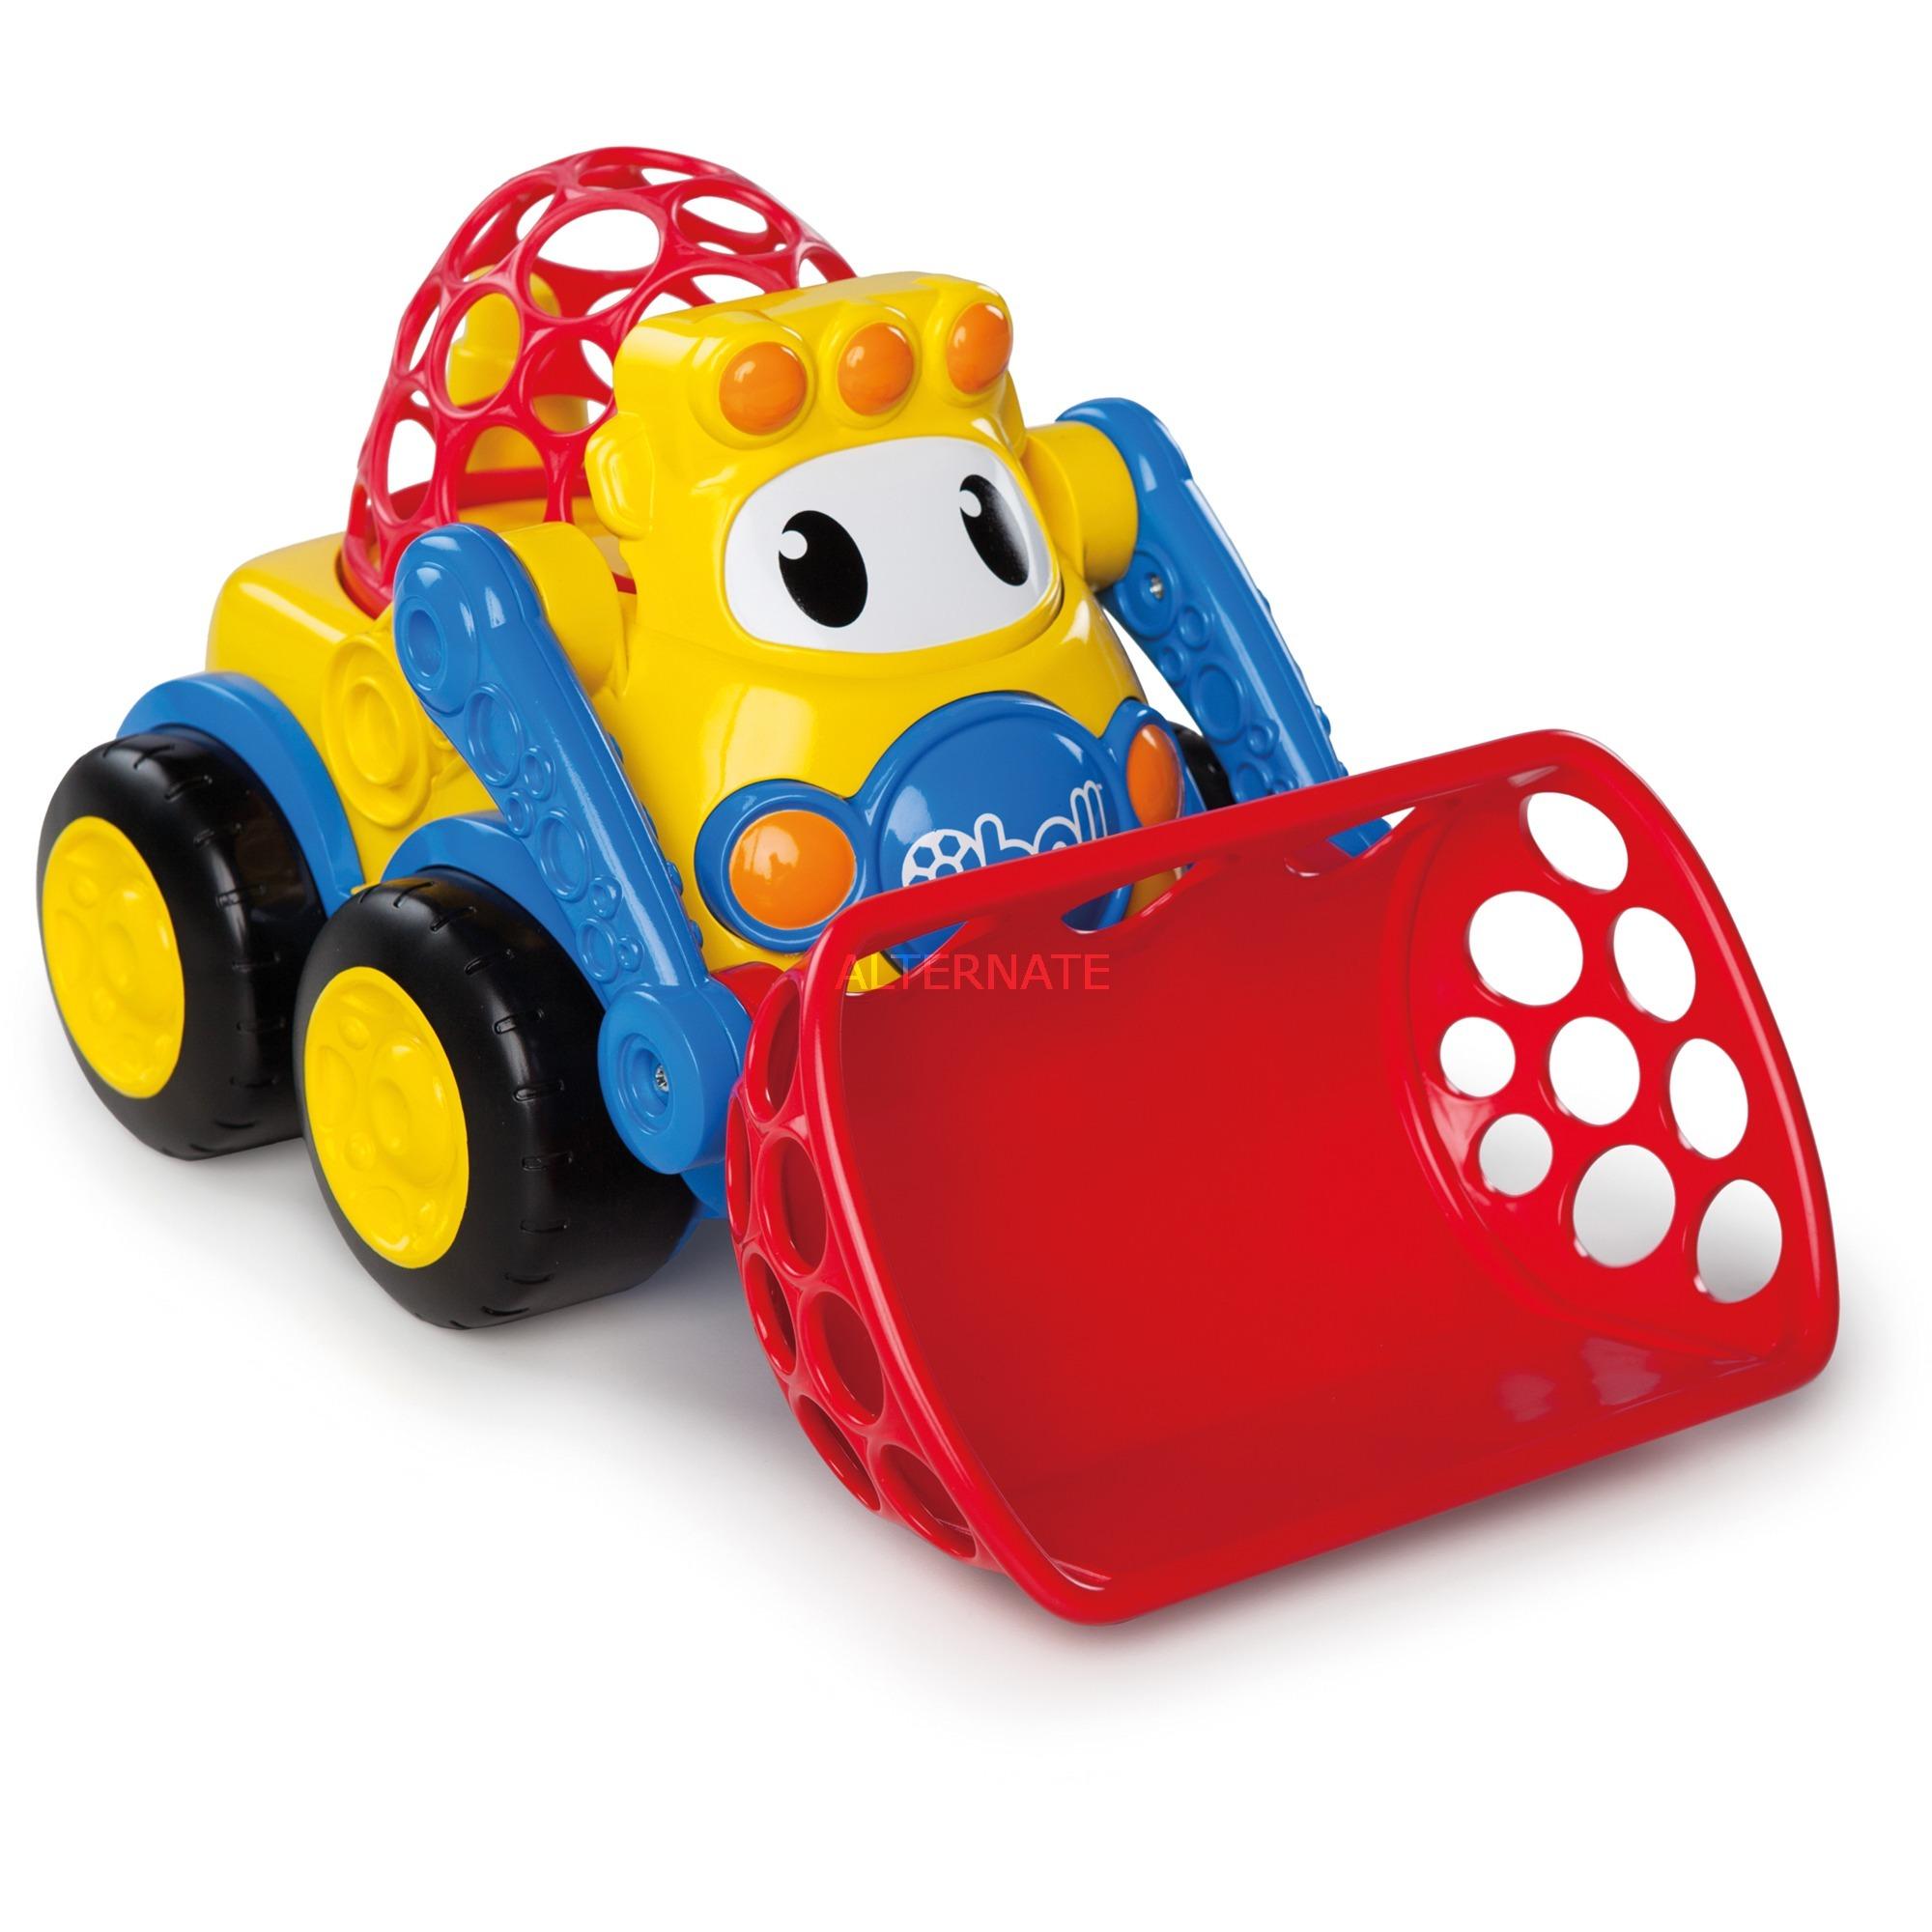 10313 vehículo de juguete, Automóvil de construcción